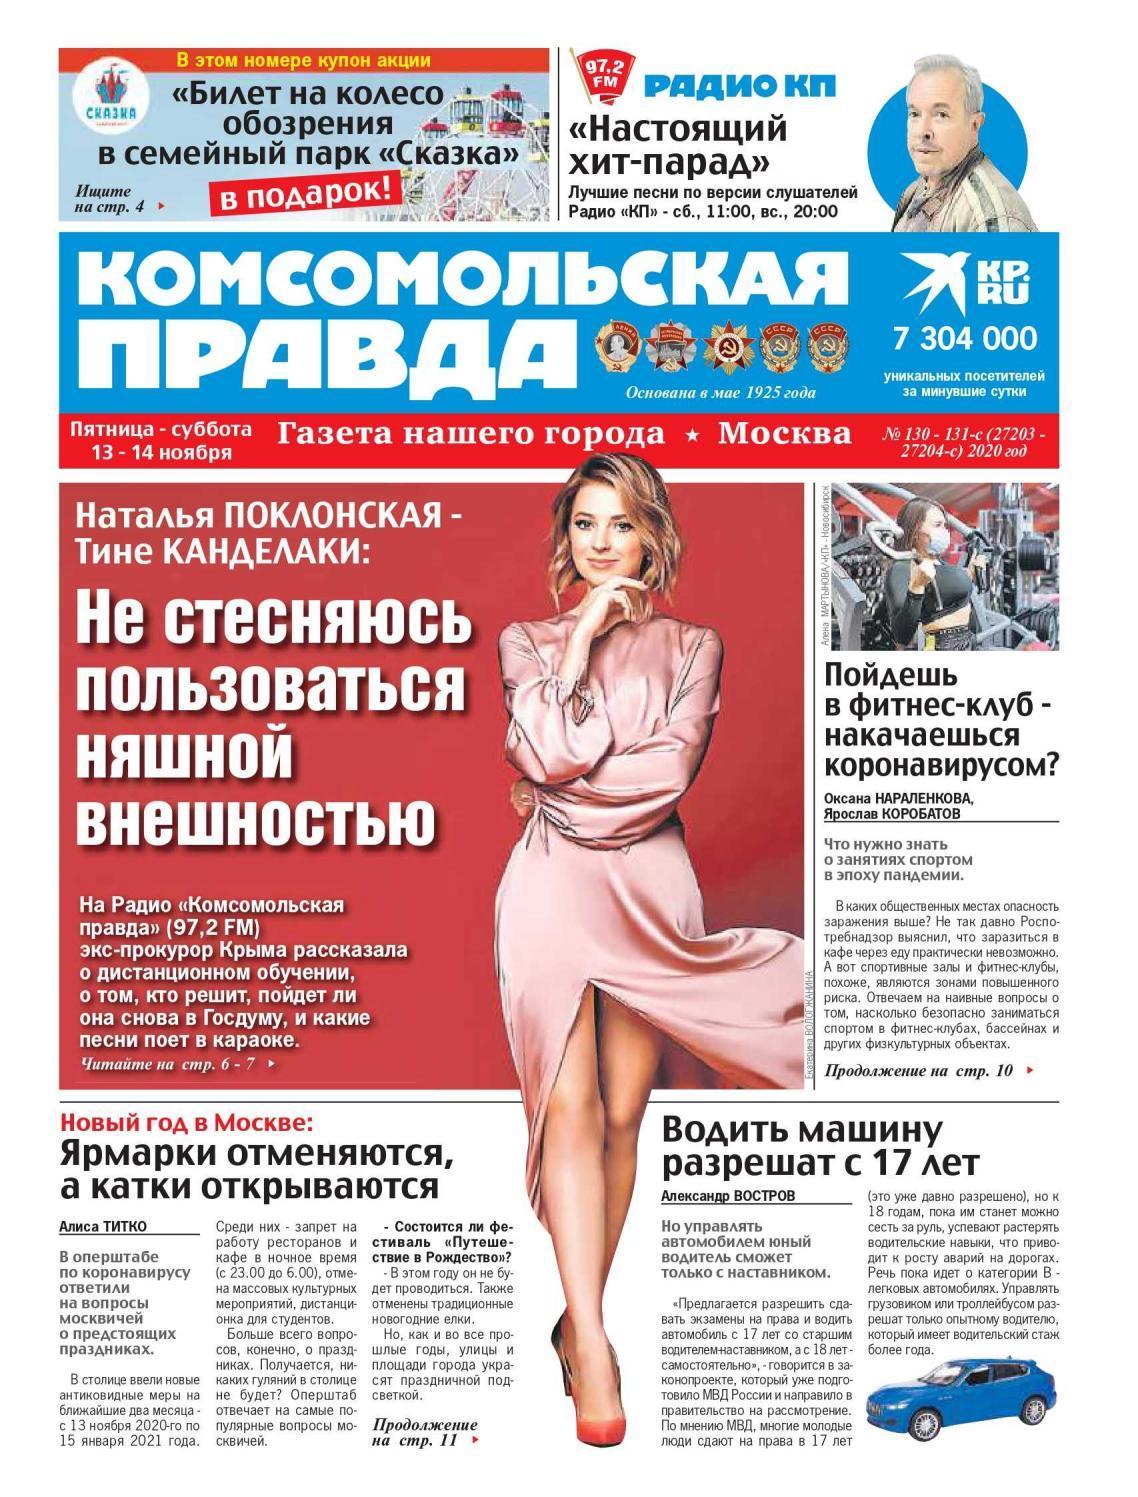 Комсомольская правда №131, ноябрь 2020